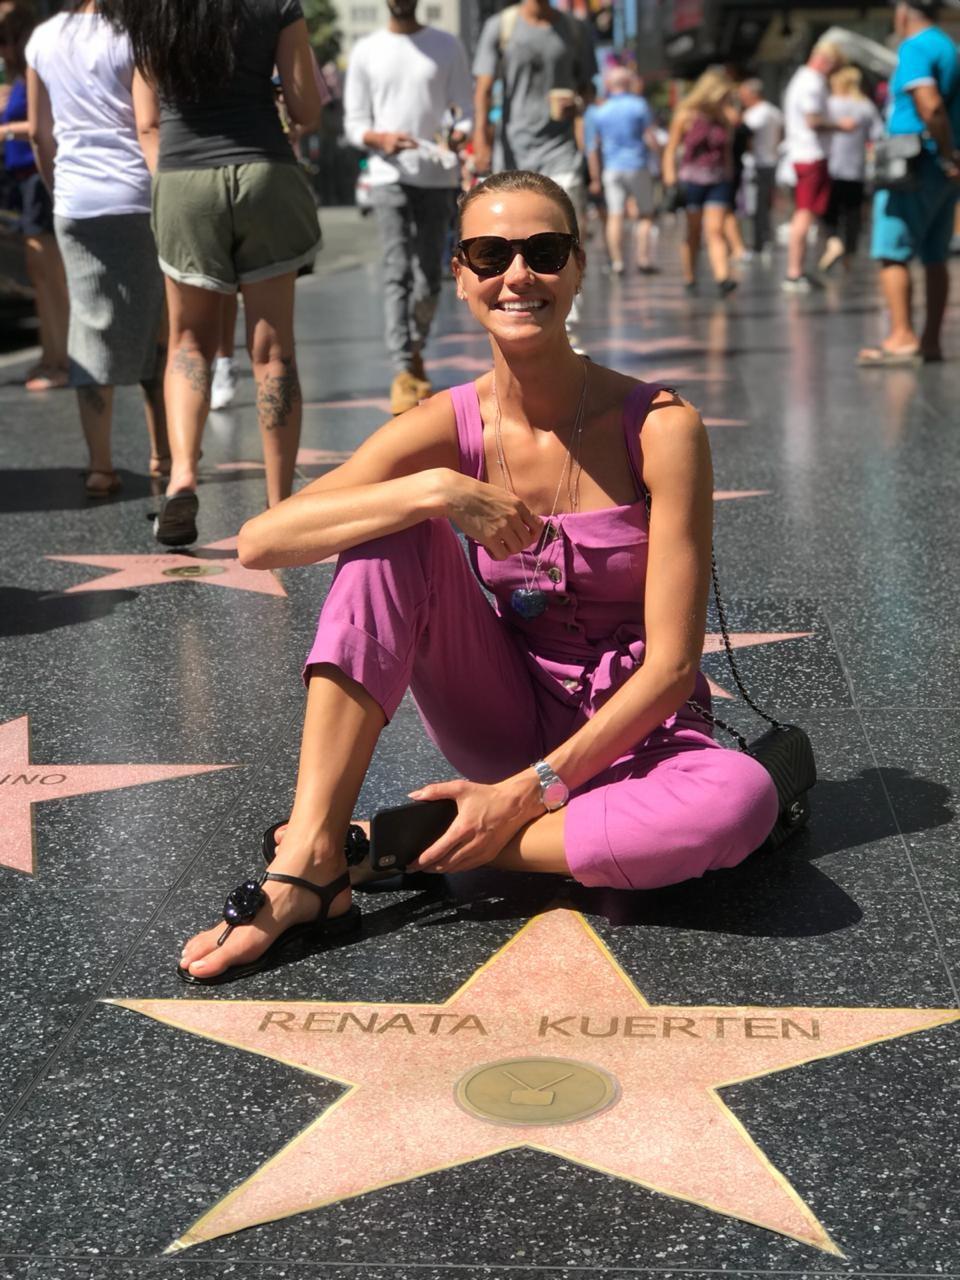 Renata Kuerten está em Los Angeles, nos EUA, pela primeira vez (Foto: Divulgação)